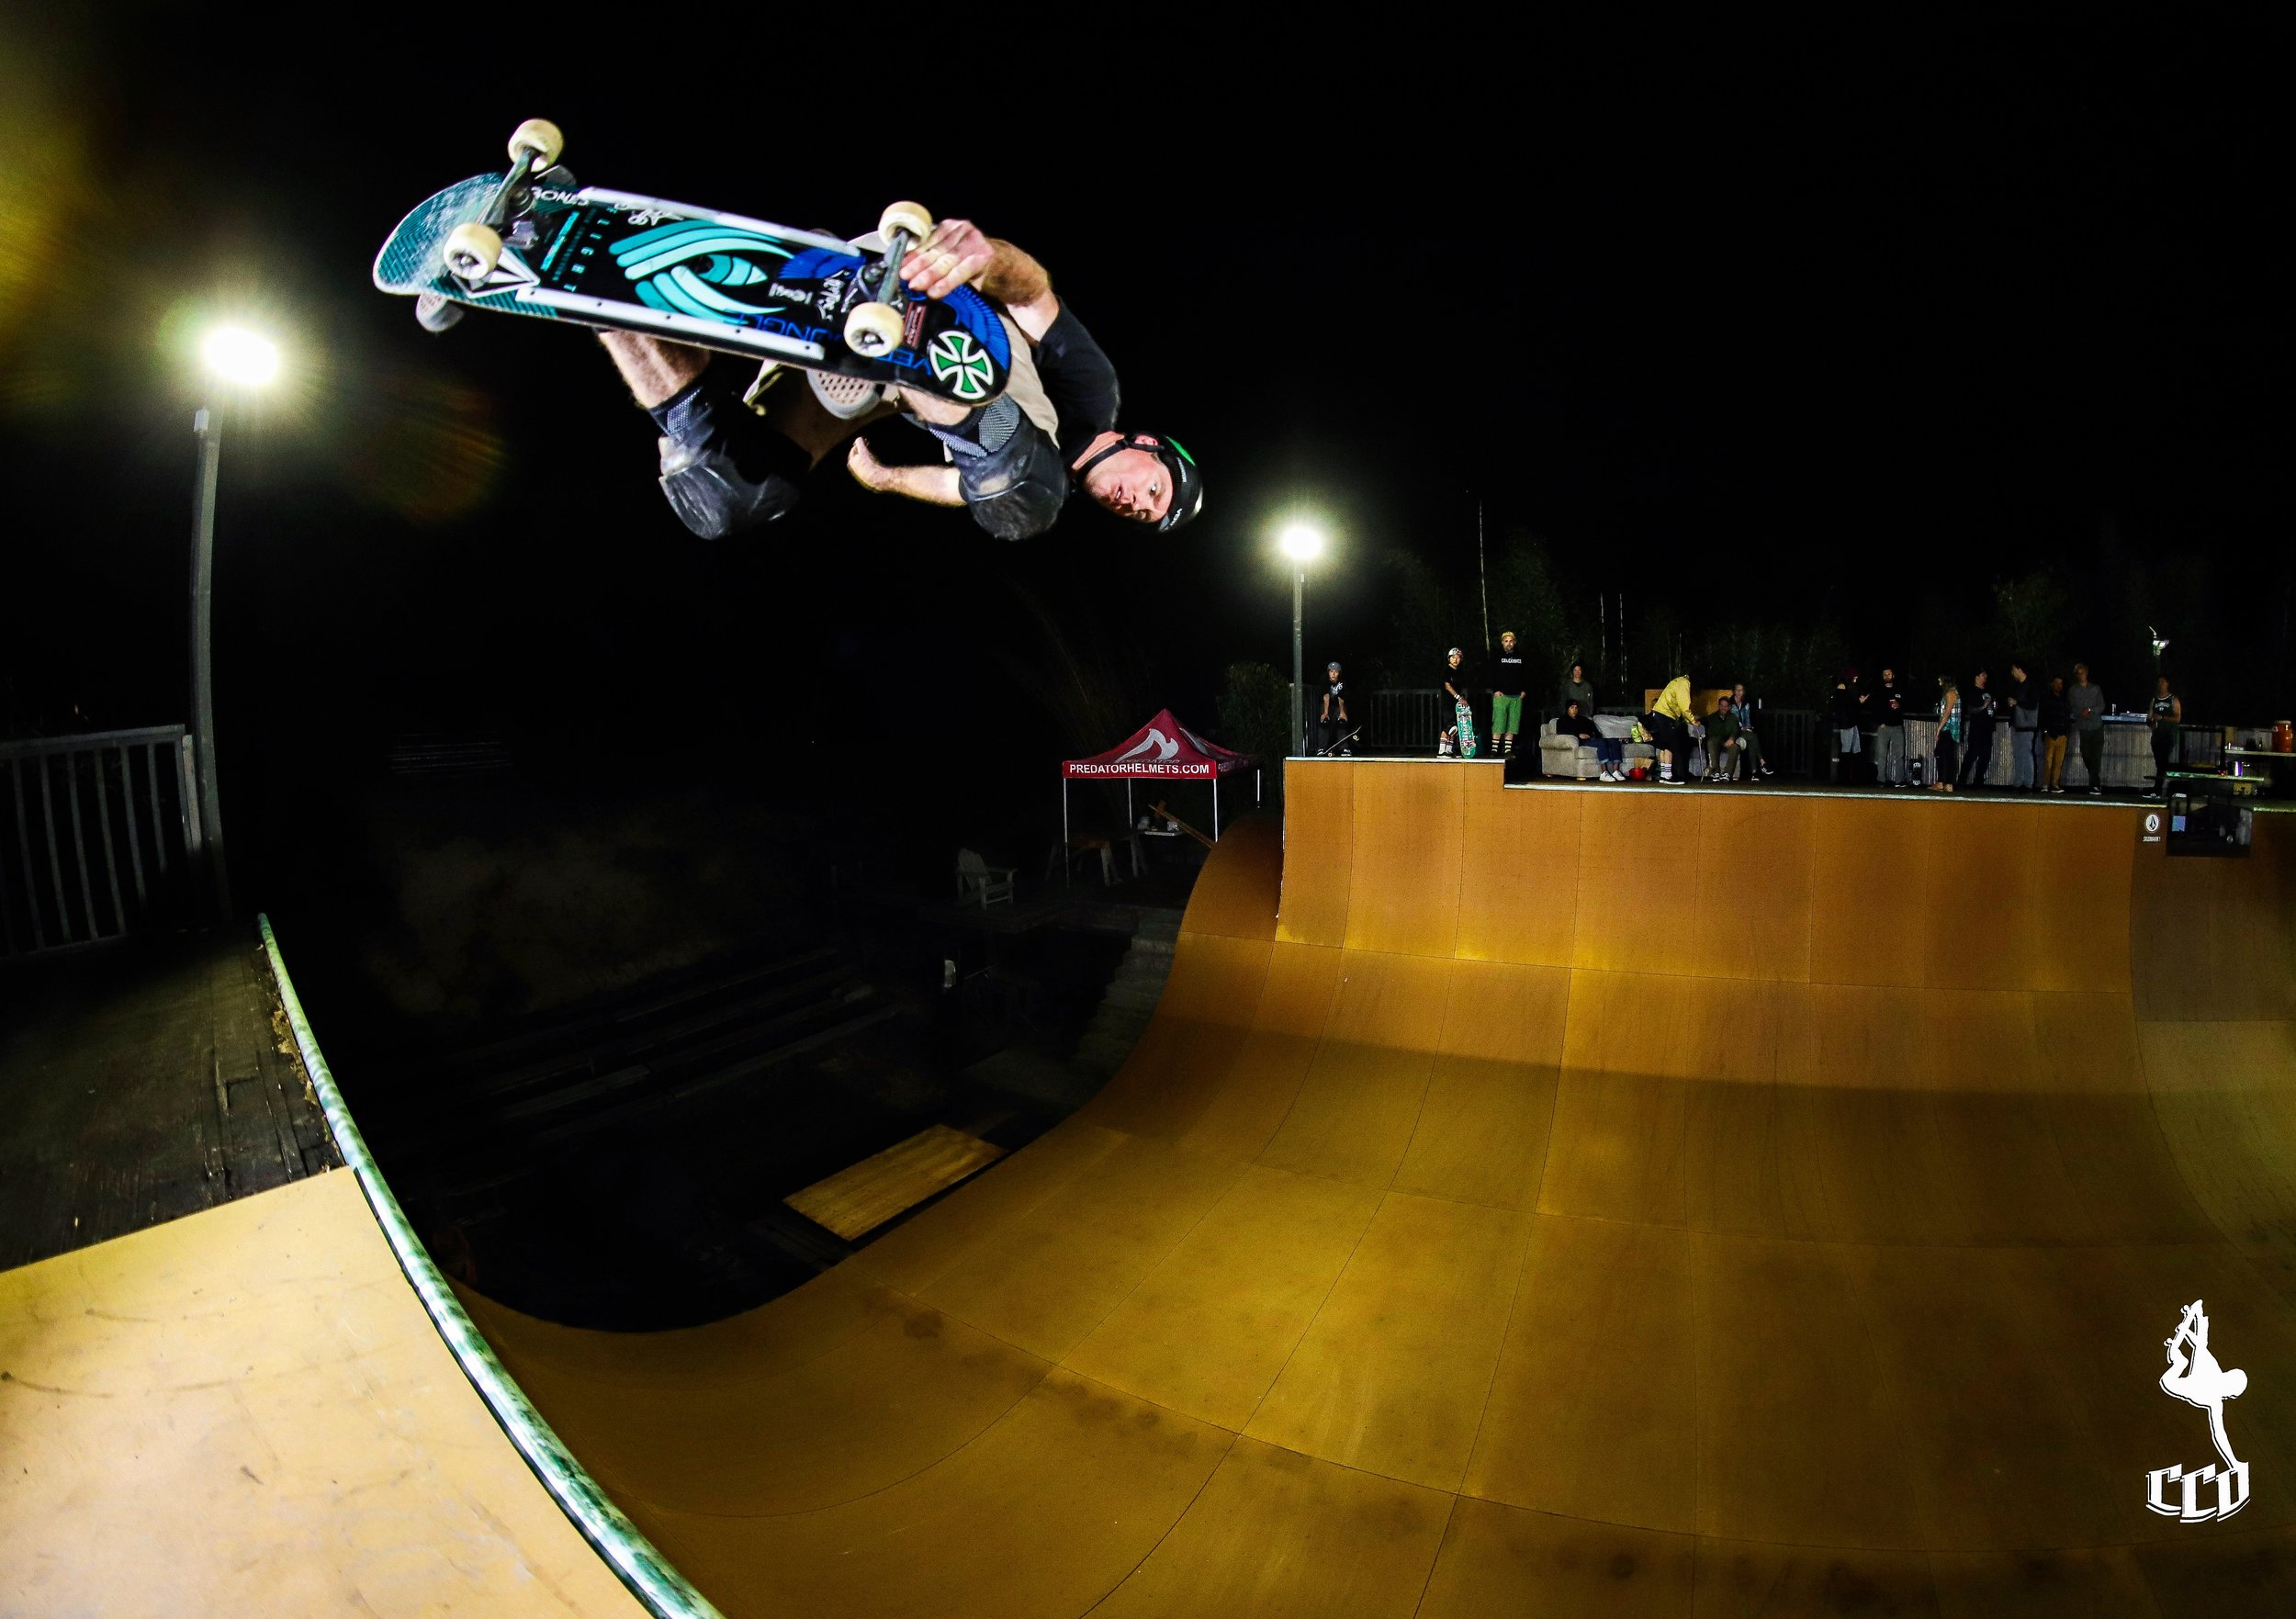 Rob Beaudoin Skate Team